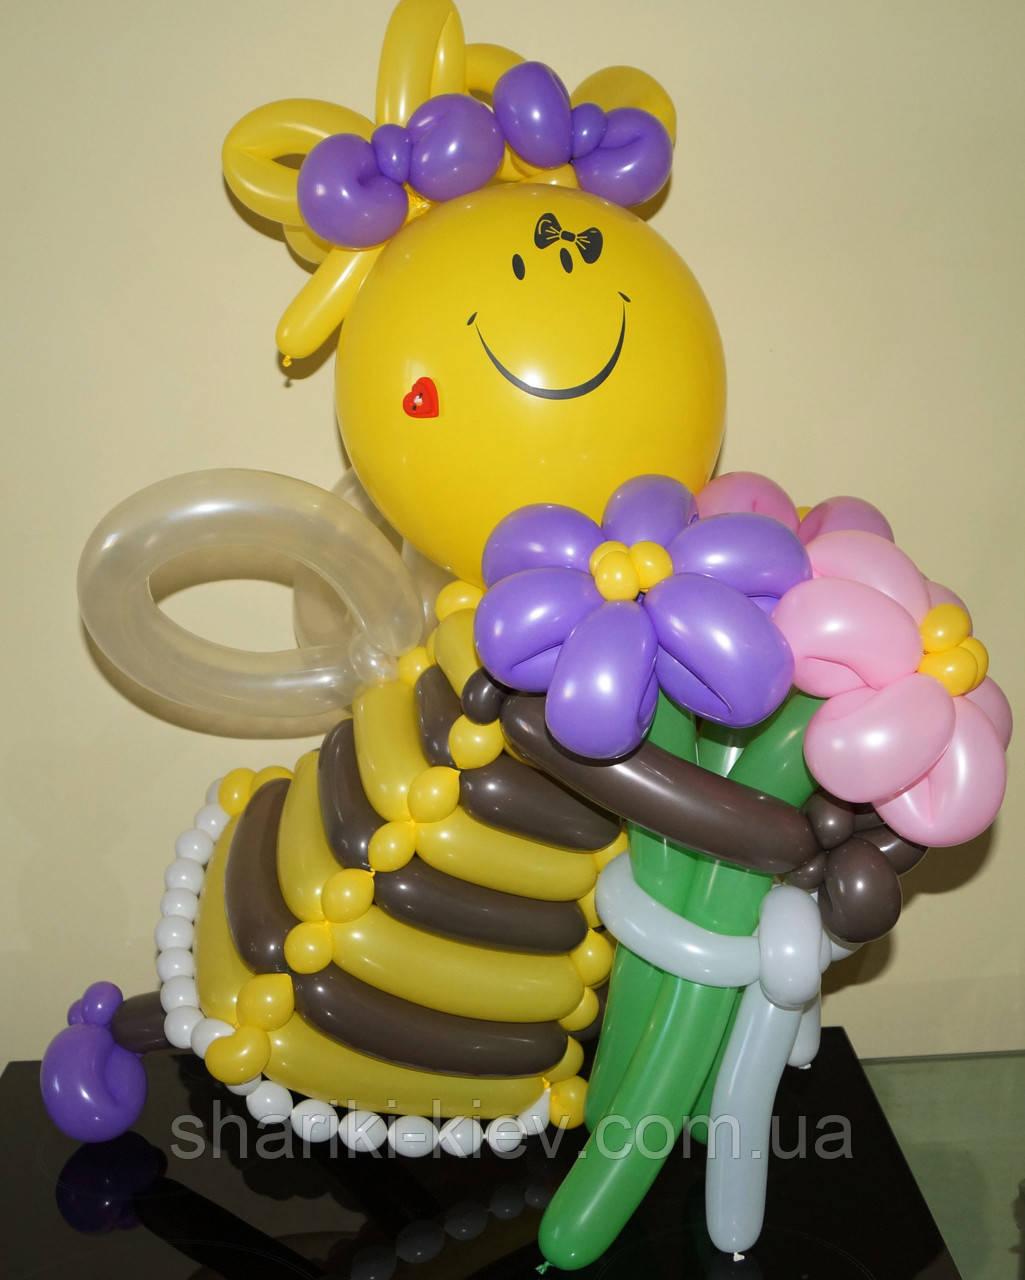 Девочка феечка с букетом Ромашек на День рождения